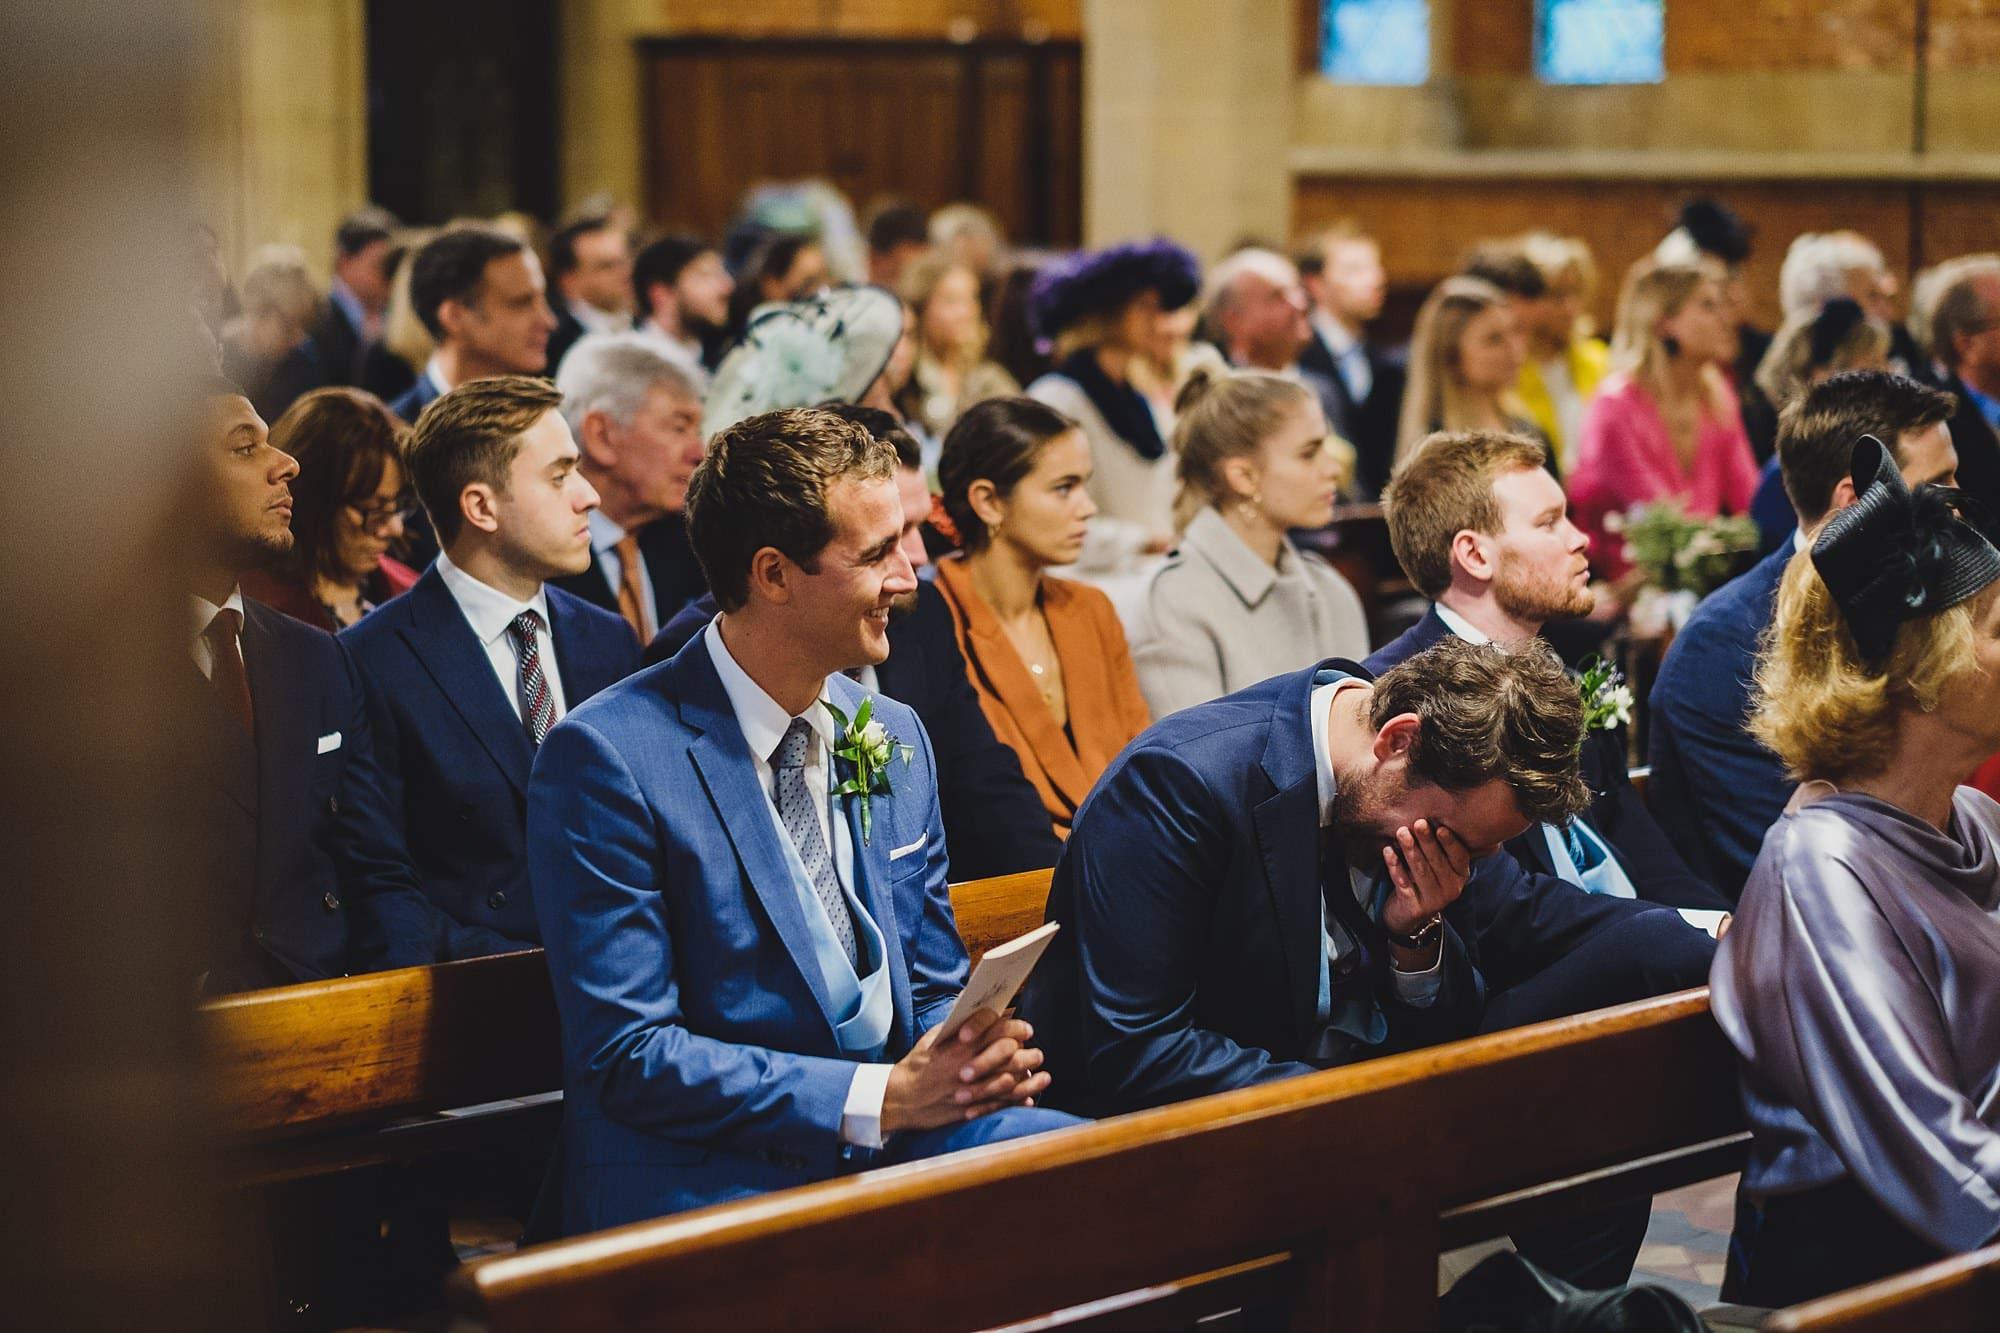 fulham palace wedding photographer ok 040 - Olivia + Kyle